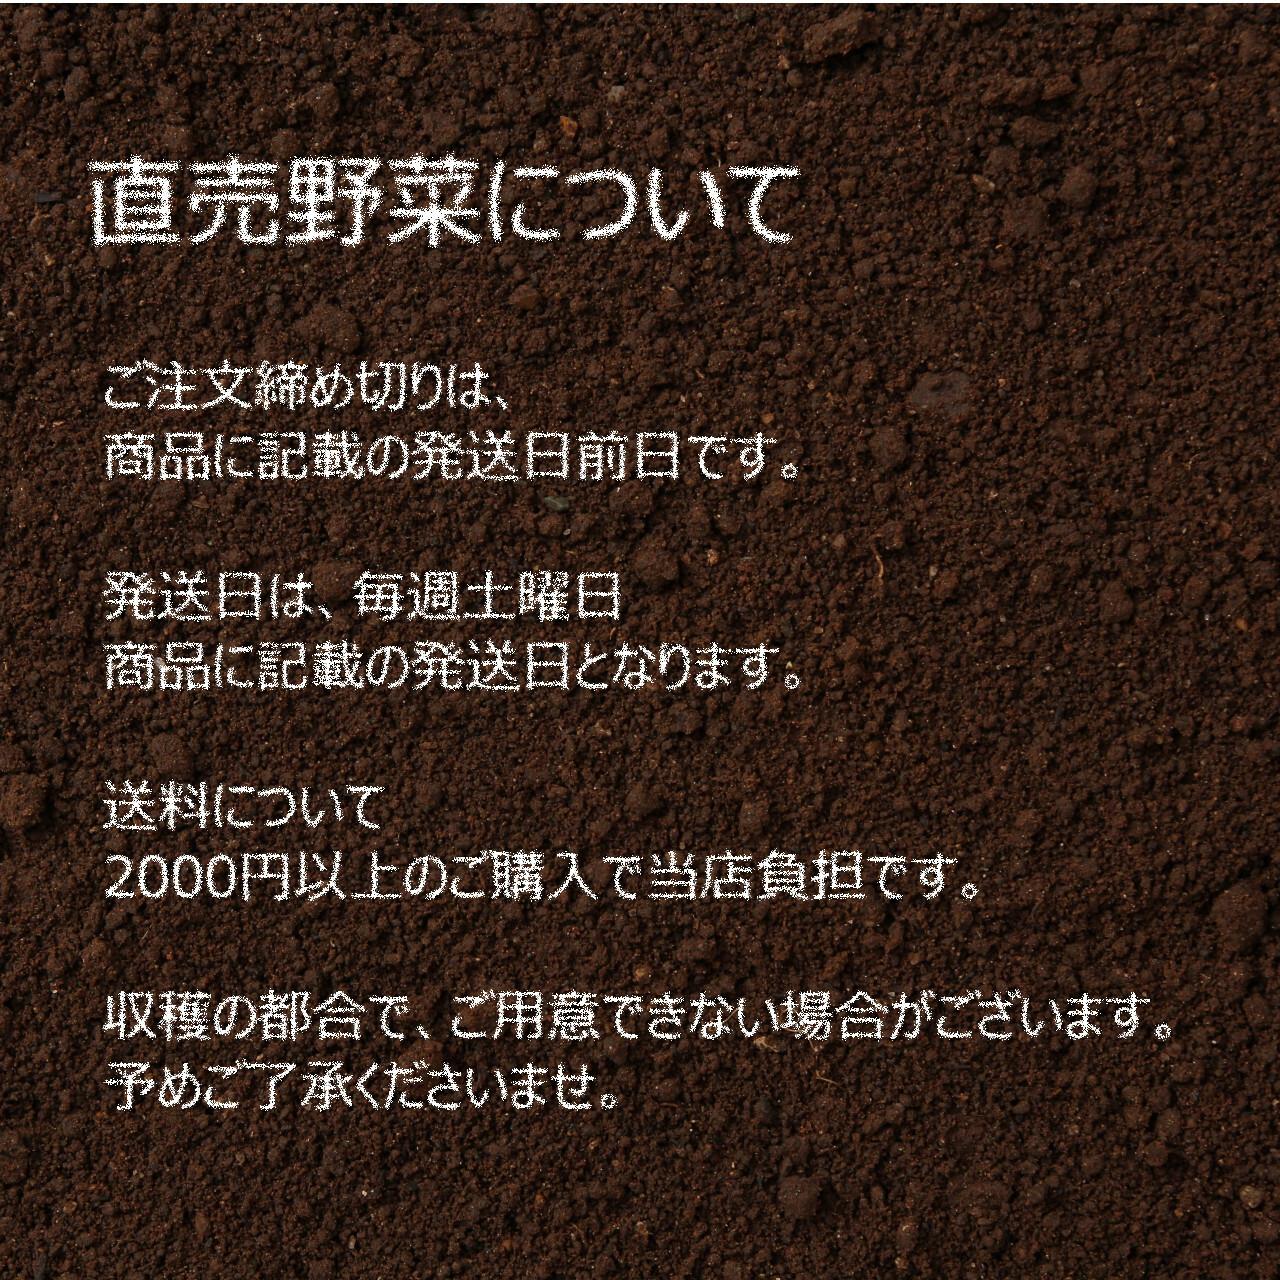 8月の朝採り直売野菜 : ピーマン 約250g 新鮮夏野菜 8月24日発送予定